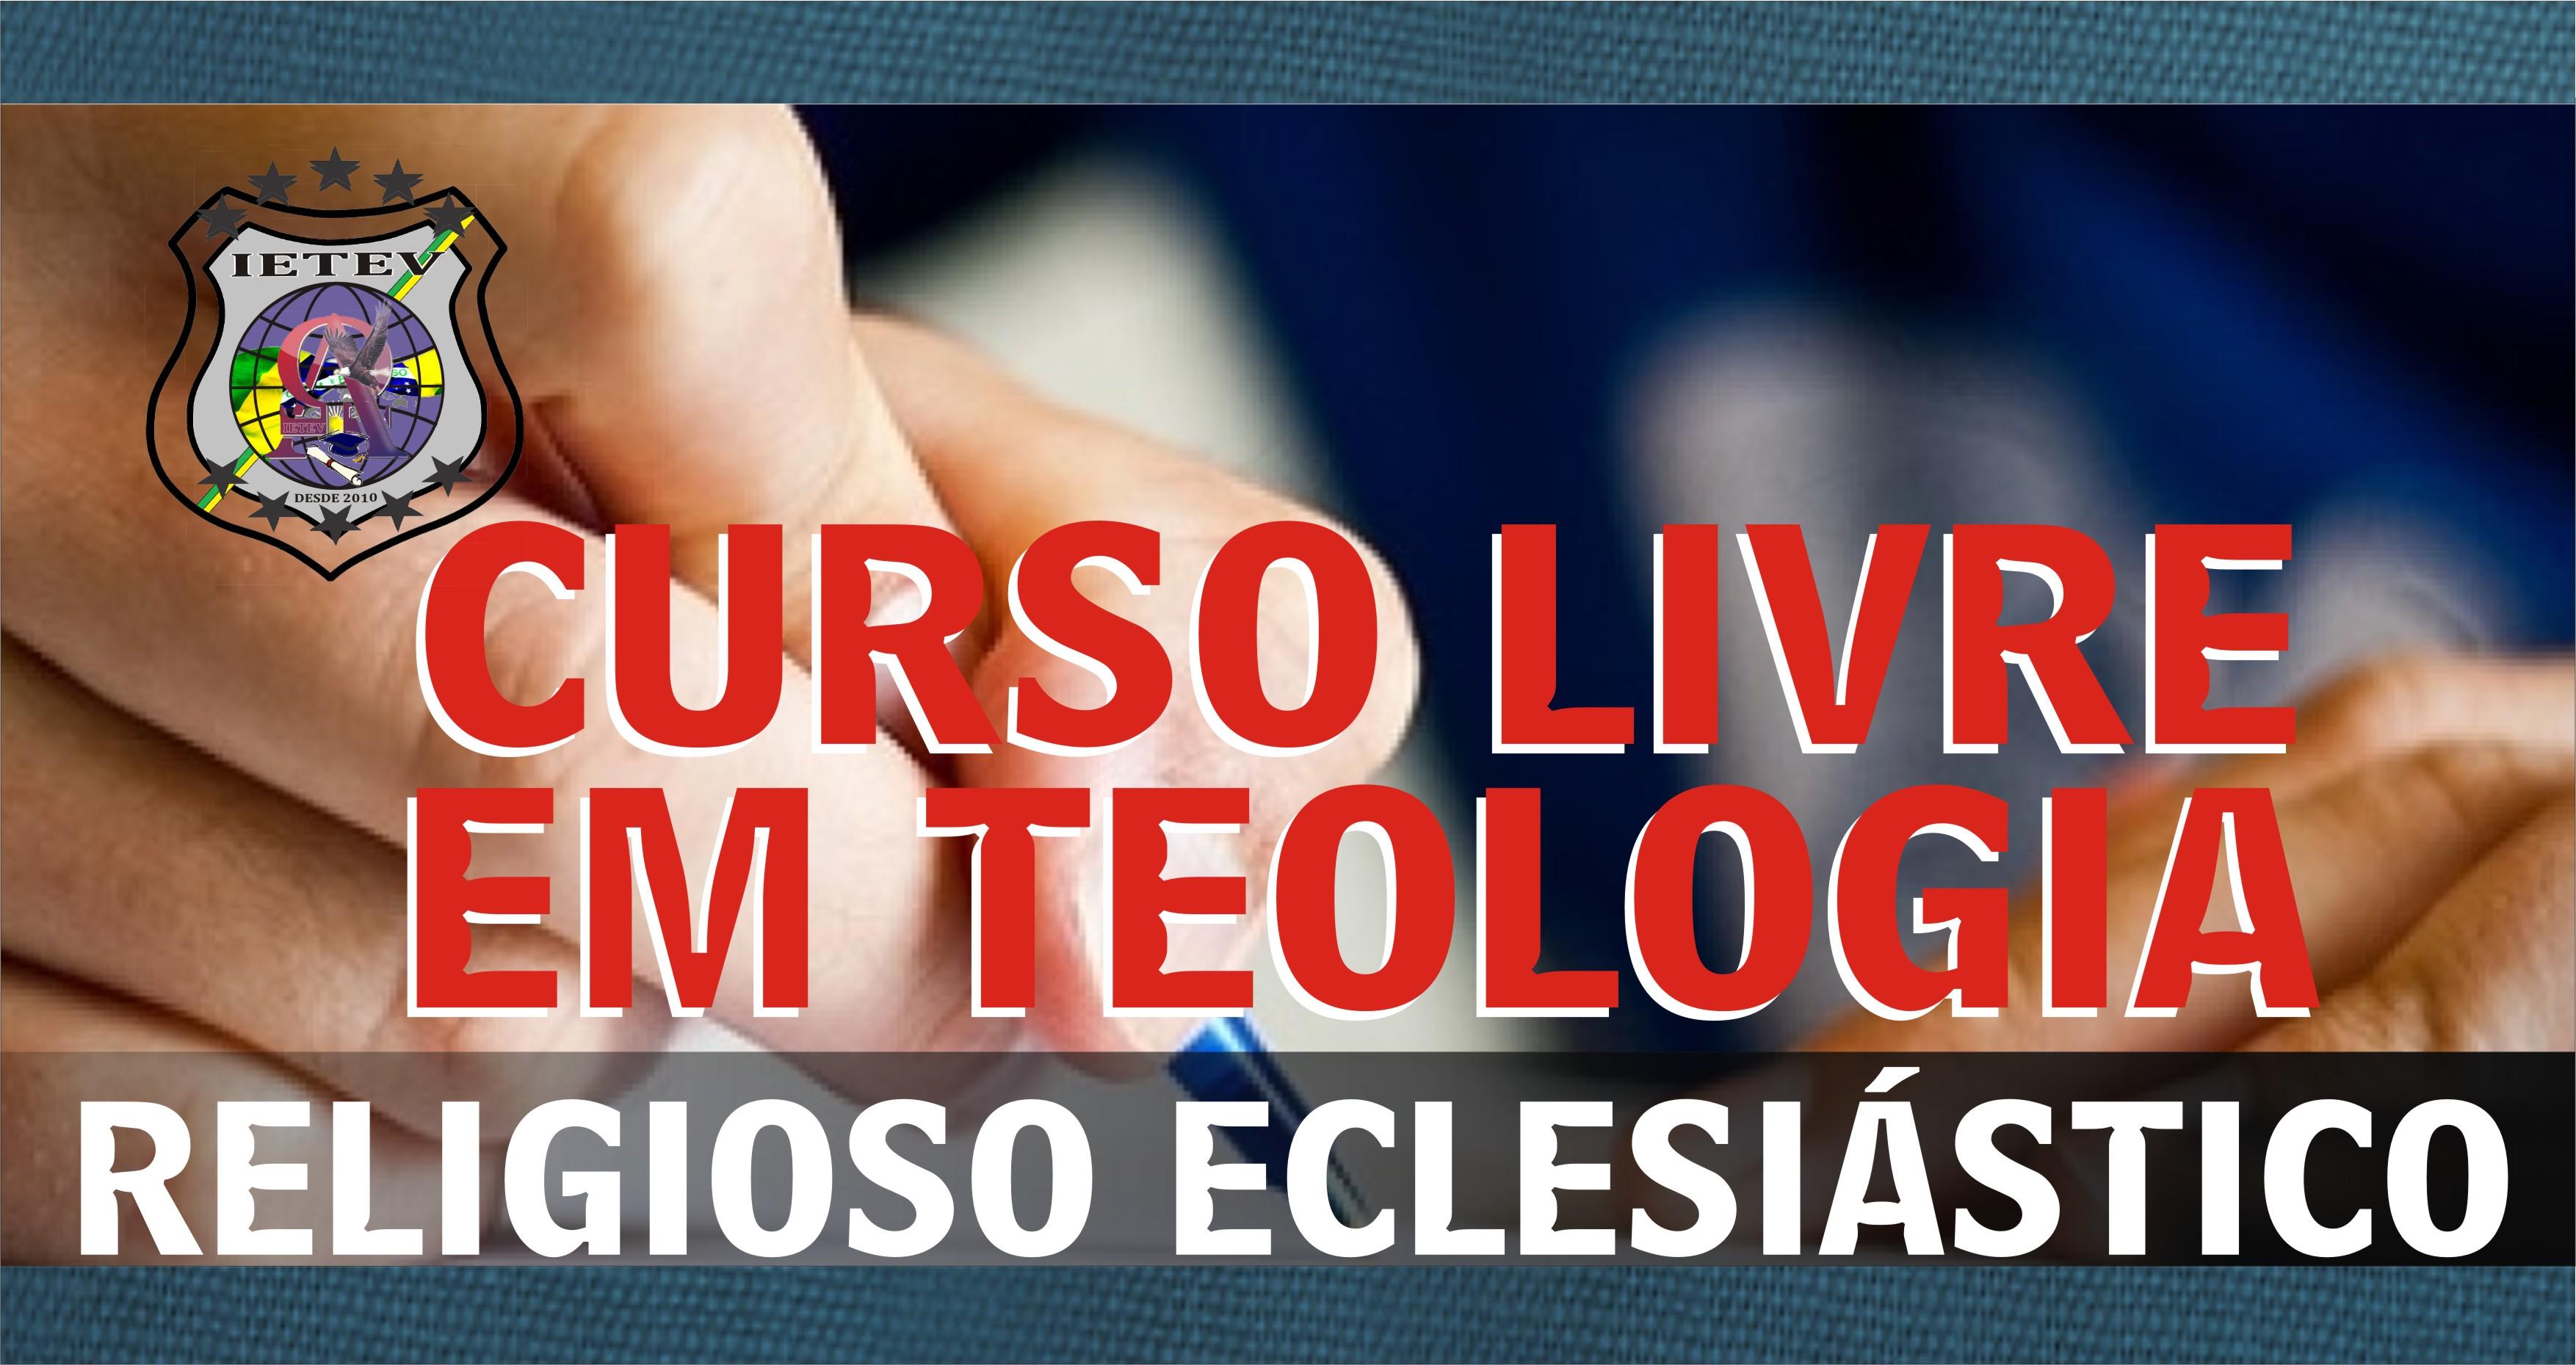 CURSOS LIVRES EM TEOLOGIA